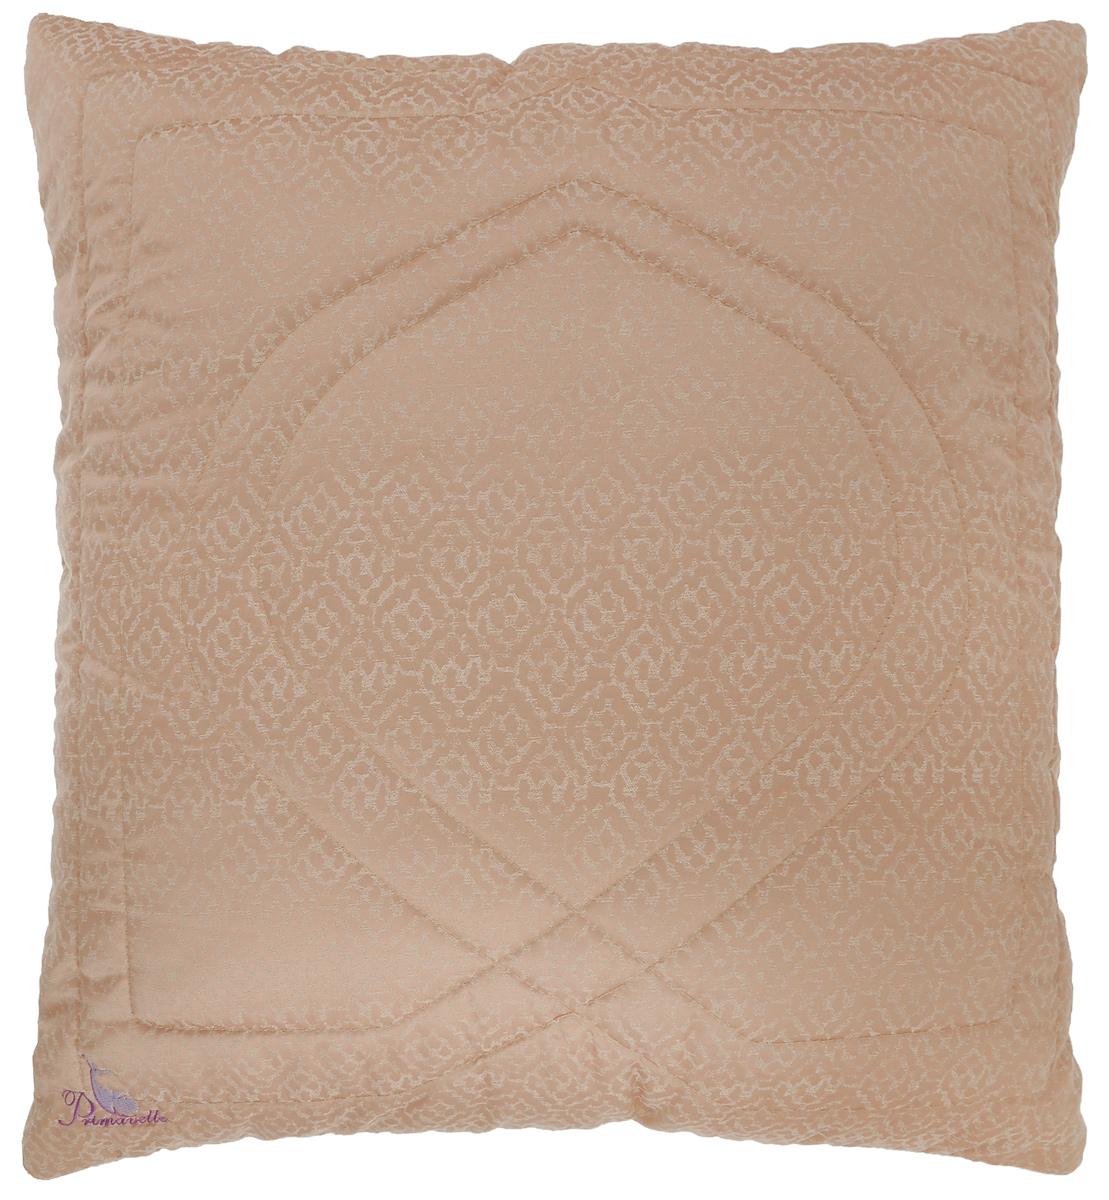 """Чехол подушки Primavelle """"Сamel Premium"""" выполнен из 100% тенсела. Наполнитель подушки состоит из верблюжьего пуха (95%) и вискозы (5%). Стежка надежно удерживает наполнитель внутри и не позволяет ему скатываться.  Верблюжий пух – подшерсток верблюжат в возрасте до одного года, который вычесывается вручную. Верблюжий пух превосходит по своим характеристикам шерсть верблюда. Пух более нежный, воздушный, более легкий, но при этом лучше удерживает тепло и обеспечивает идеальную терморегуляцию во время сна.       При этом пух обладает всеми свойствами, которые присущи шерсти верблюда: воздухопроницаемость, высокий согревающий эффект, эффект сухого тепла, косметический и лечебный эффект.    Подушка упакована в тканевый чехол на змейке с ручкой, что является чрезвычайно удобным при переноске.   Рекомендации по уходу: - Допускается стирка при 30 градусах, - Нельзя отбеливать. При стирке не использовать средства, содержащие отбеливатели (хлор),  - Не гладить. Не применять обработку паром, - Химчистка с использованием углеводорода, хлорного этилена, - Нельзя выжимать и сушить в стиральной машине.  Размер подушки: 68 см х 68 см.  Материал чехла: 100% тенсел.  Материал наполнителя: внешний - 95% верблюжий пух, 5% вискоза, внутренний - микроволокно Filium (100% полиэстер)."""